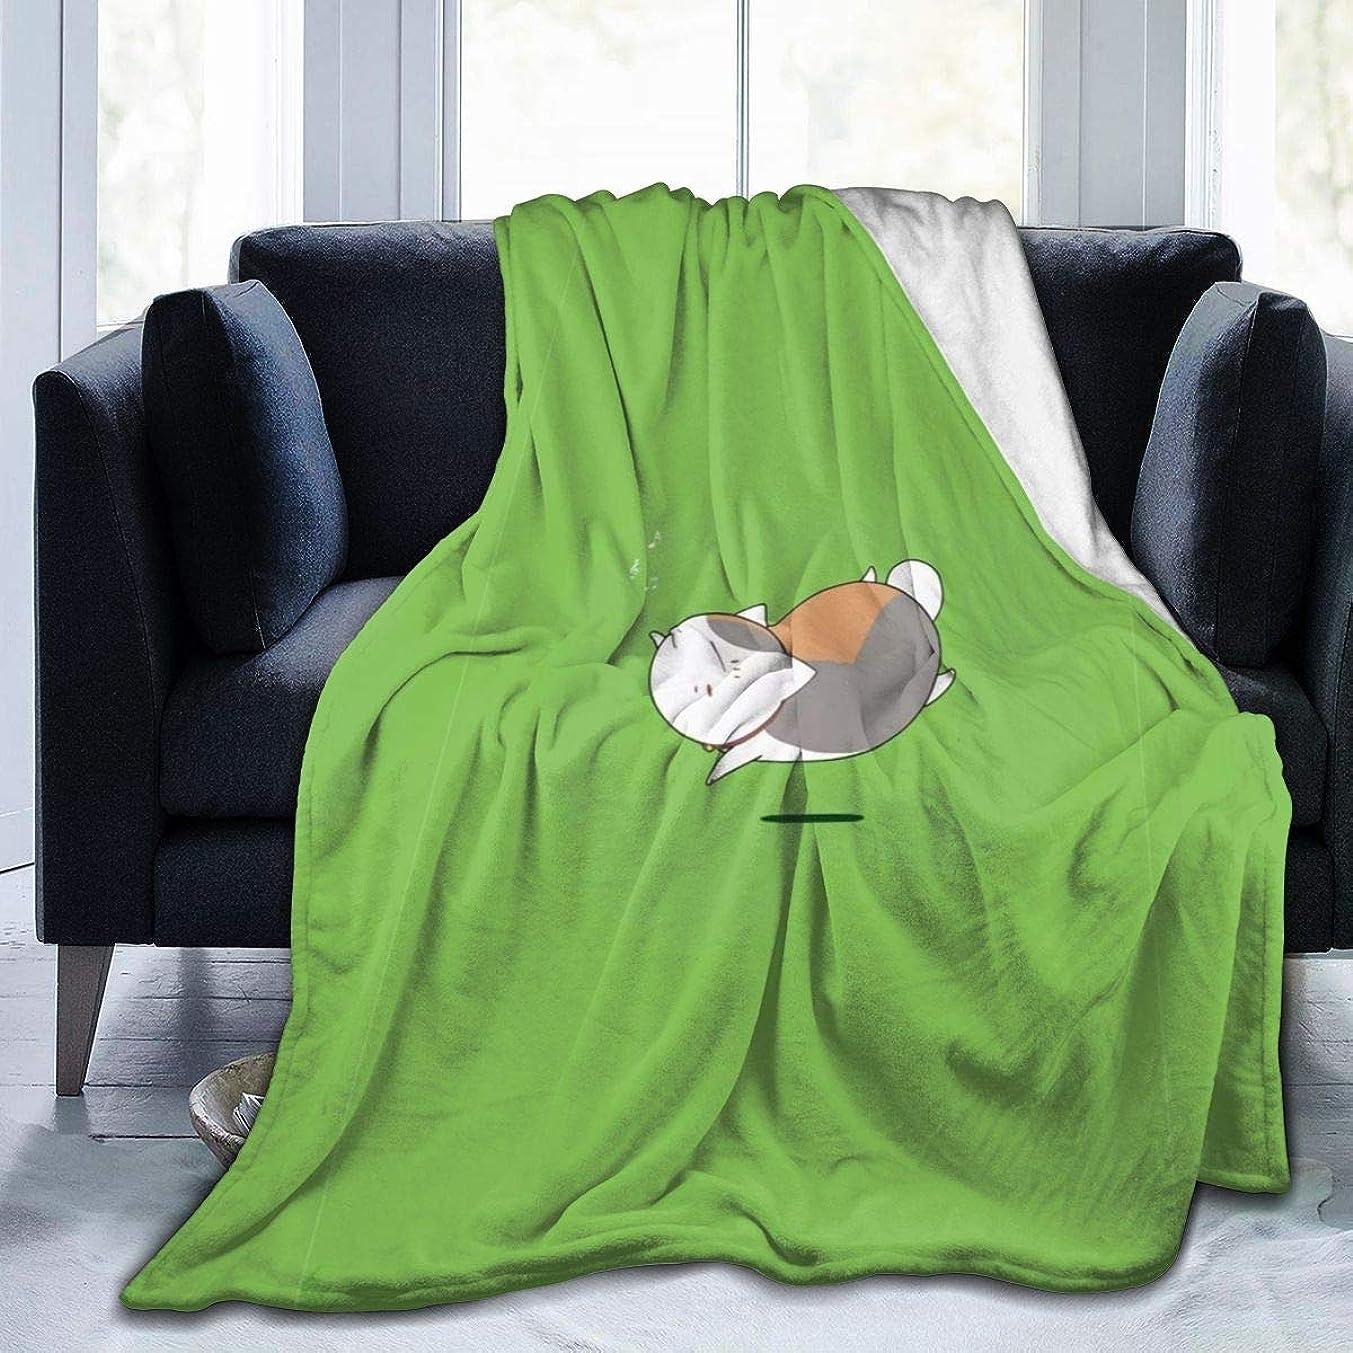 十一未来謙虚な毛布 ブランケット ニャンコ先生 シングル ふんわり 洗える フランネル シーツ ひざ掛け